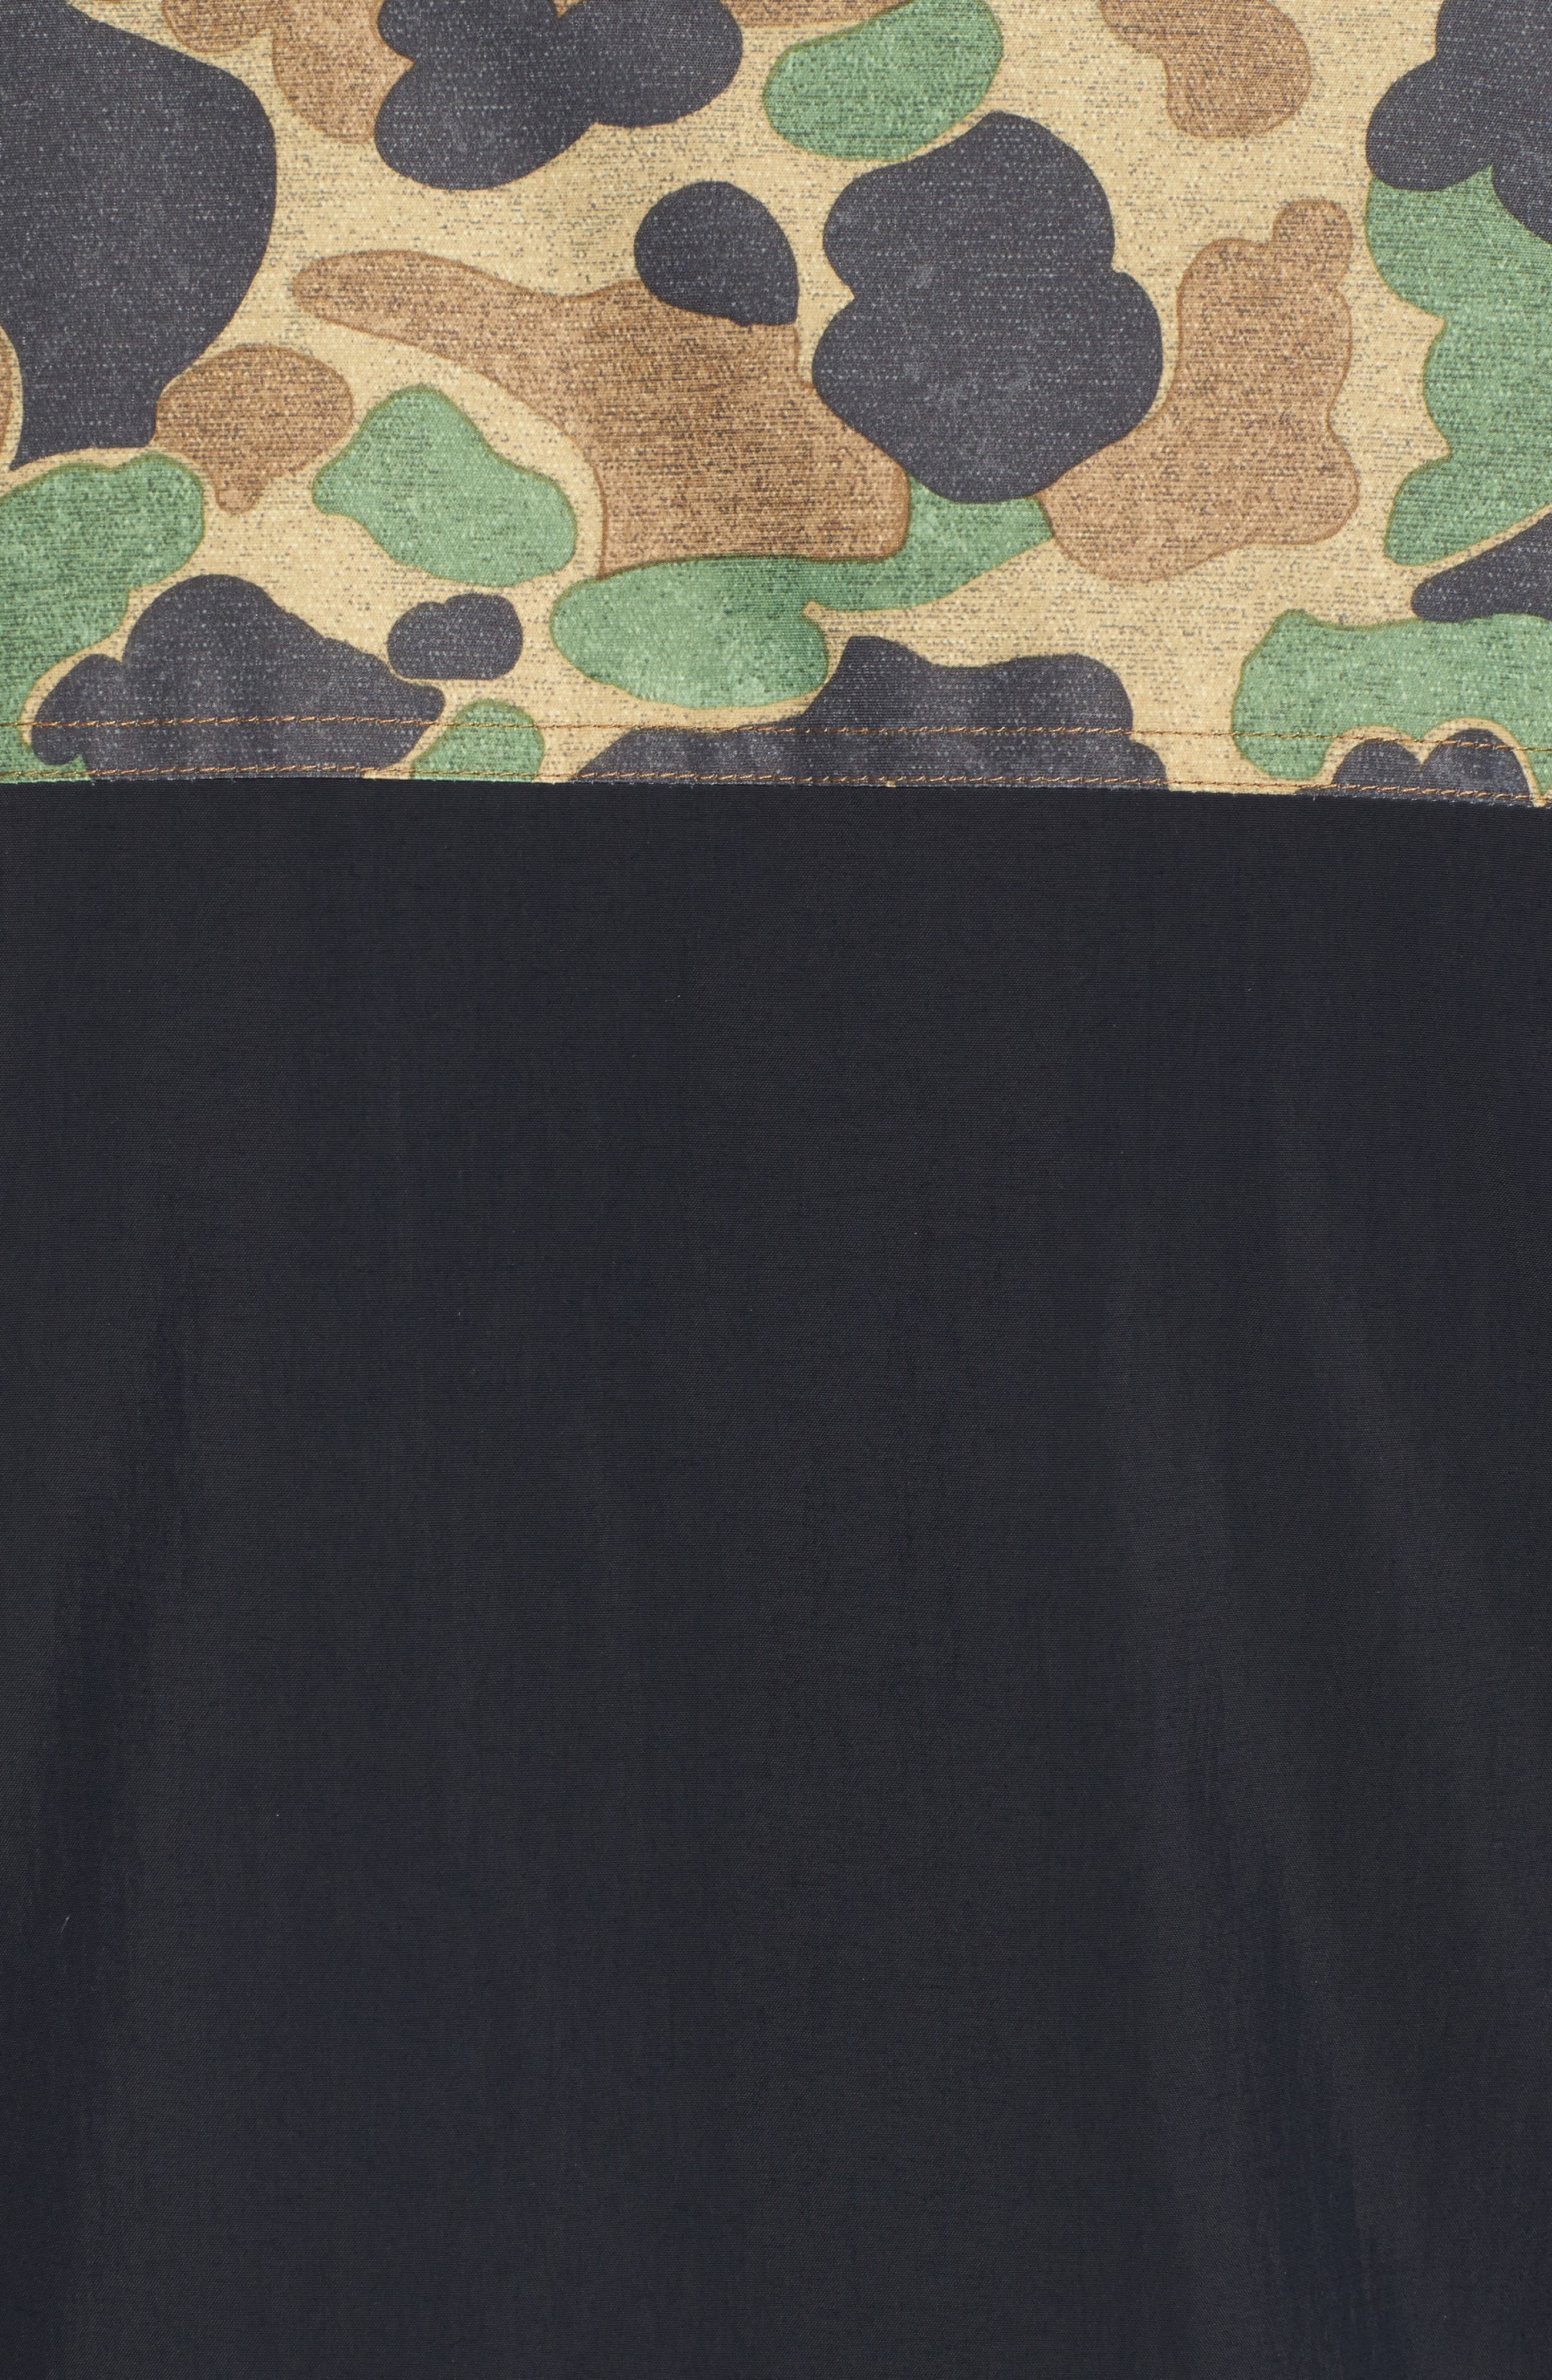 Reversatility Vest,                             Alternate thumbnail 6, color,                             001